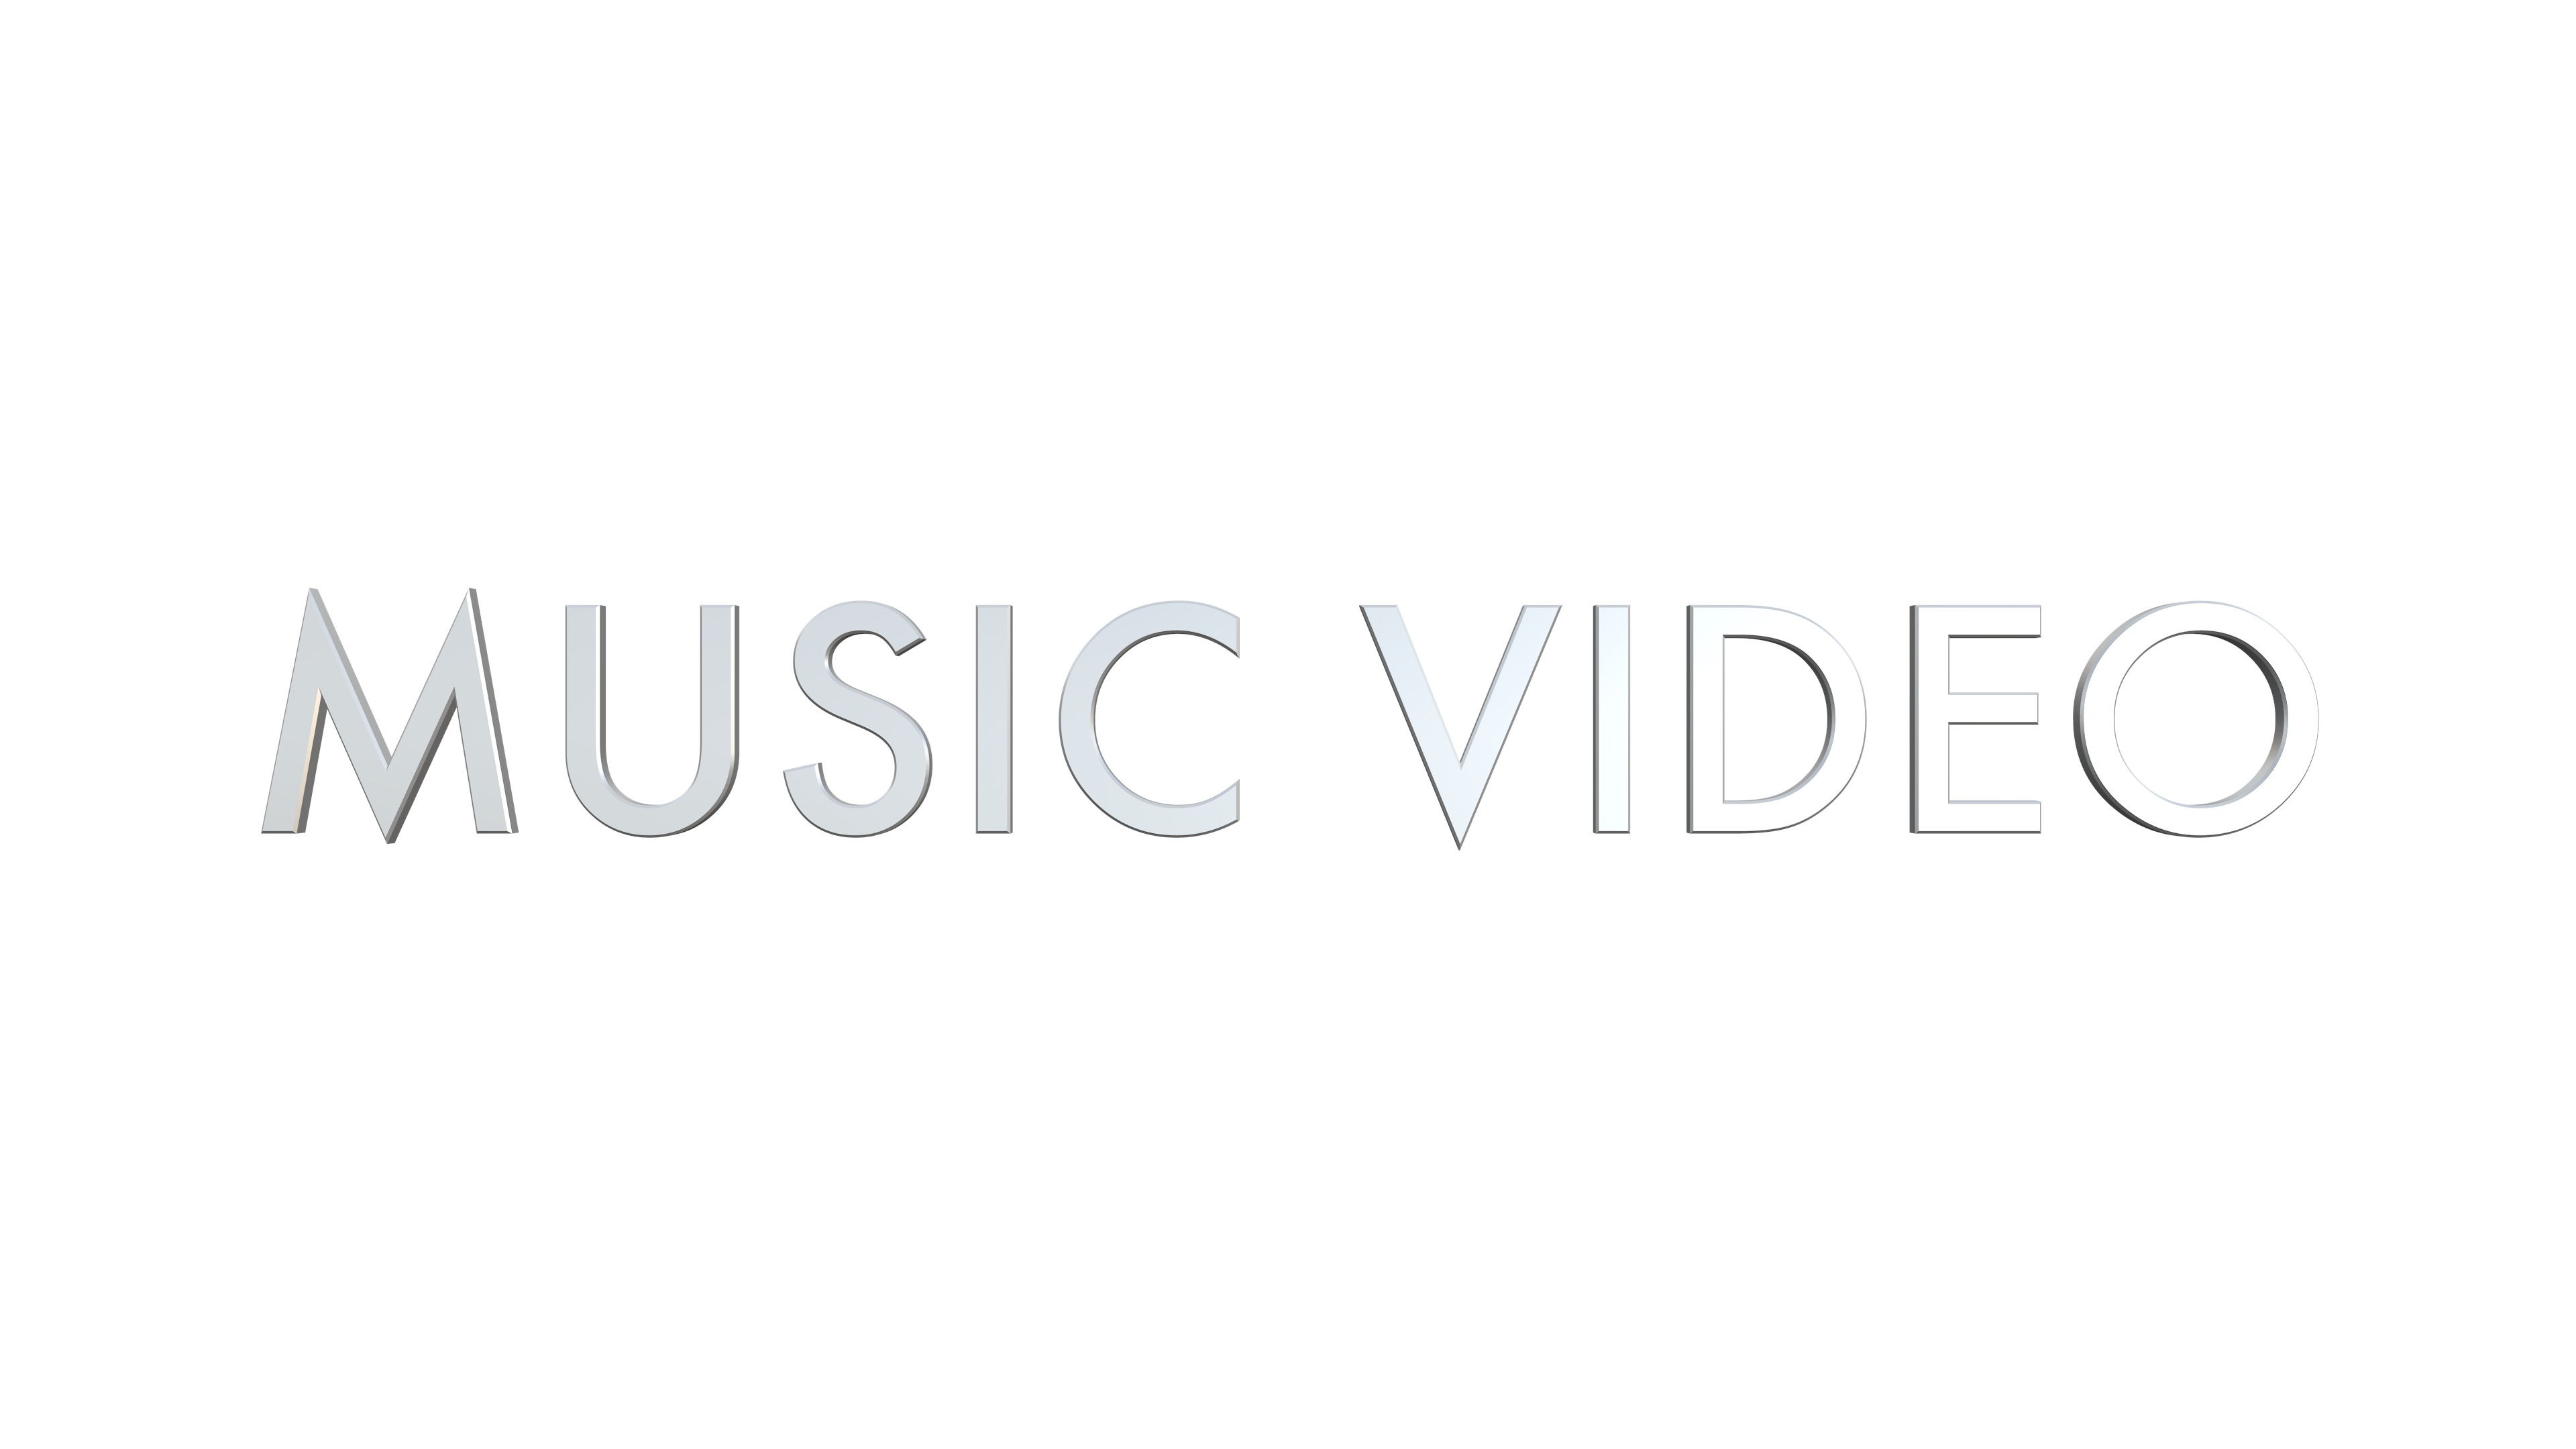 MUSIC VIEO